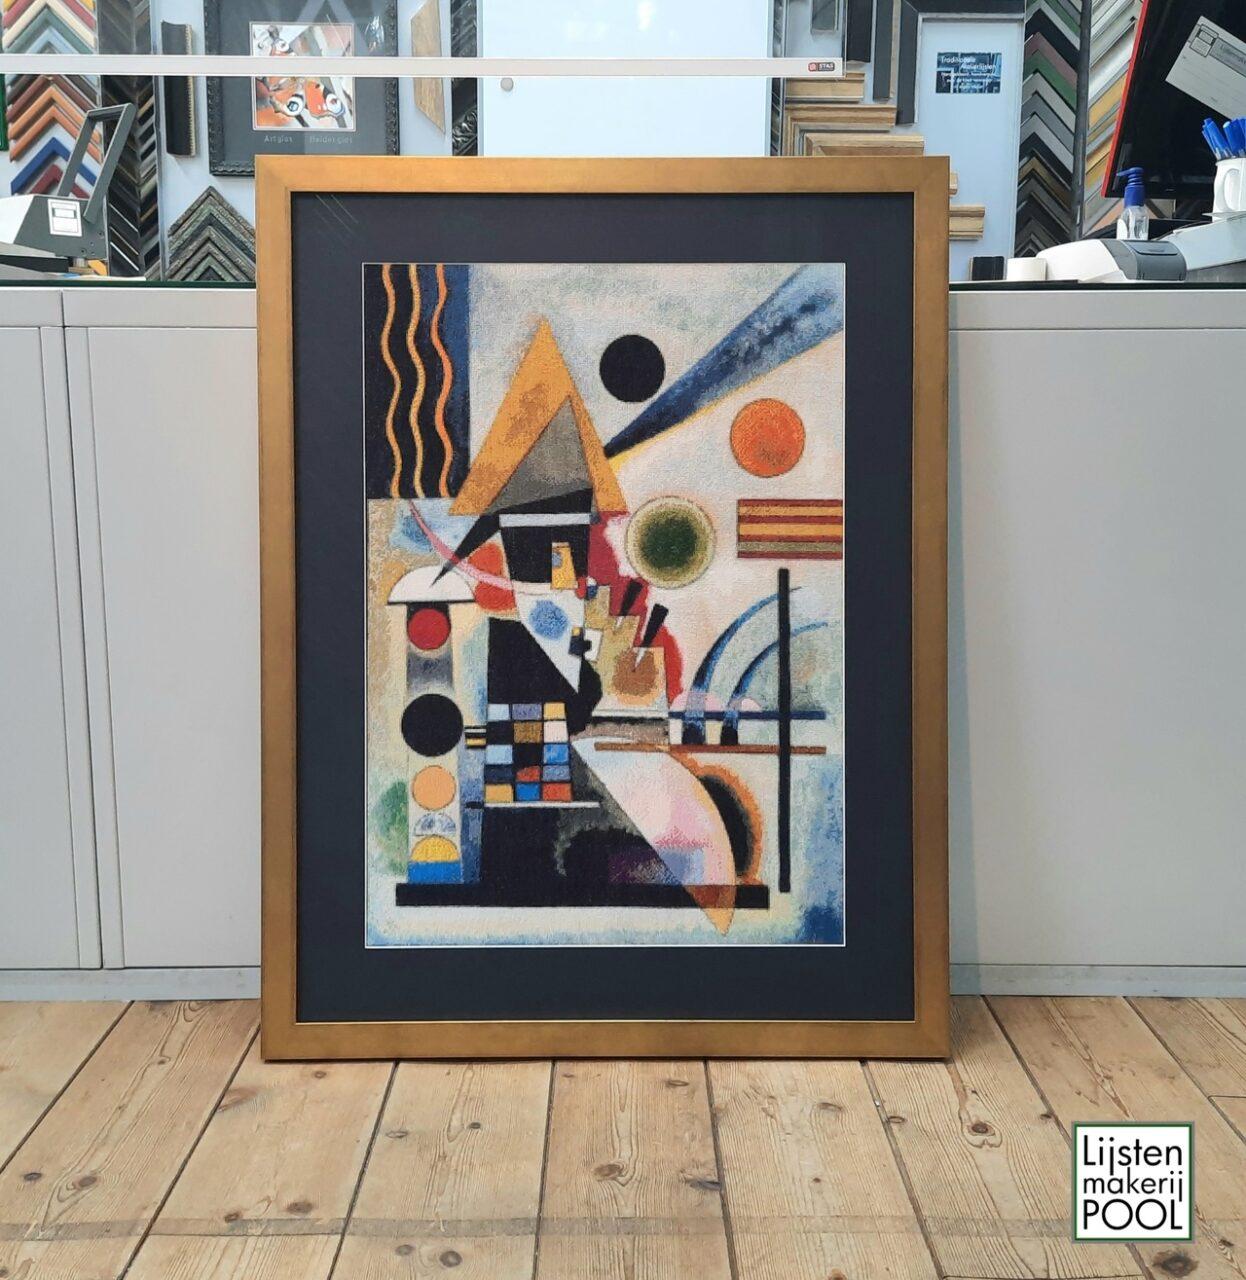 Borduurwerk naar Kandinsky ingelijst in passe-partout en goudkleurige bloklijst. Borduurwerk: Henk Veldman. Lijstenmakerij Pool Elburg